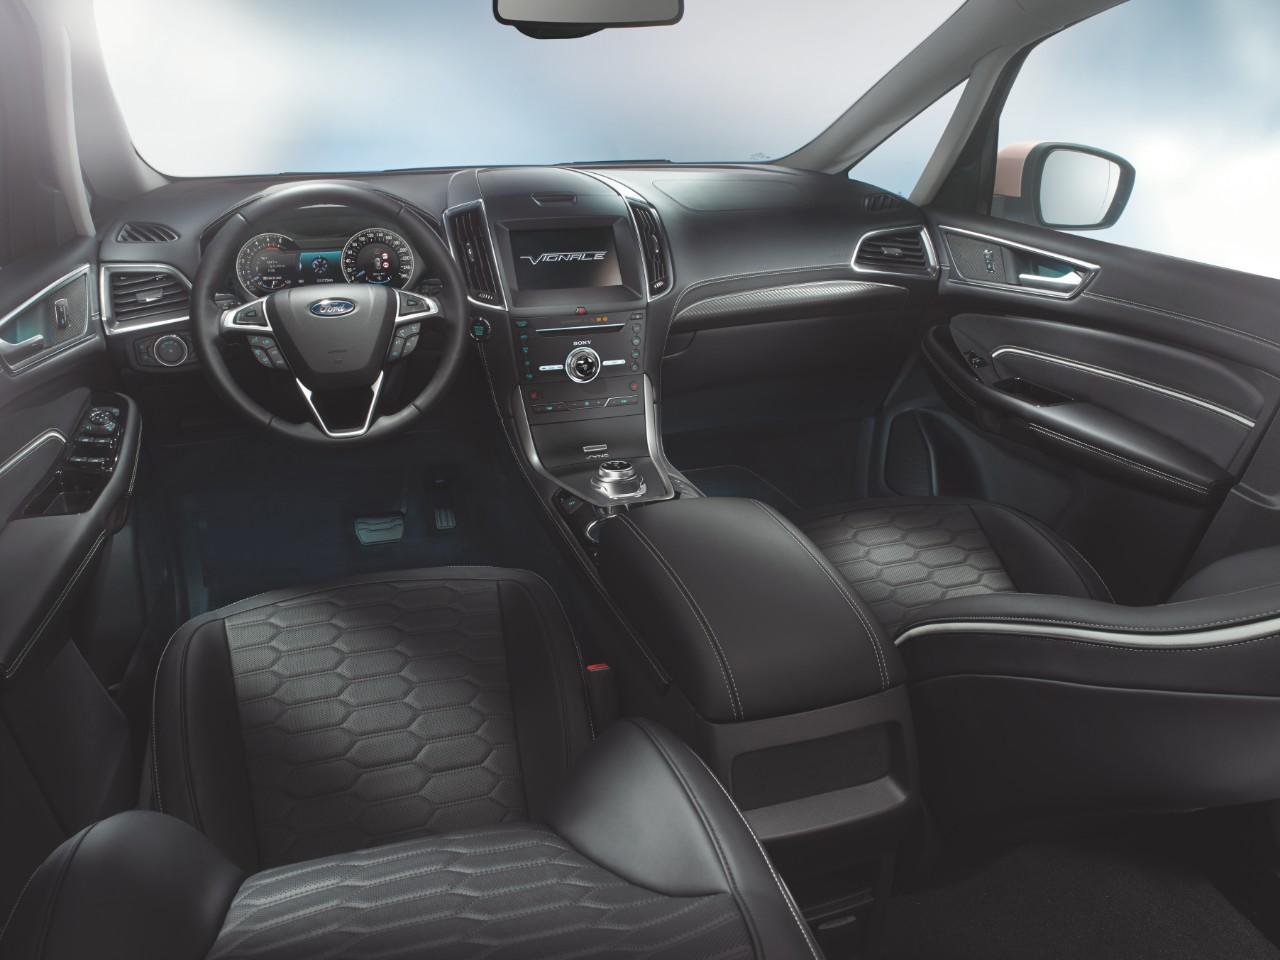 Napoved: Prihajata izboljšana Ford S-Max in Ford Galaxy